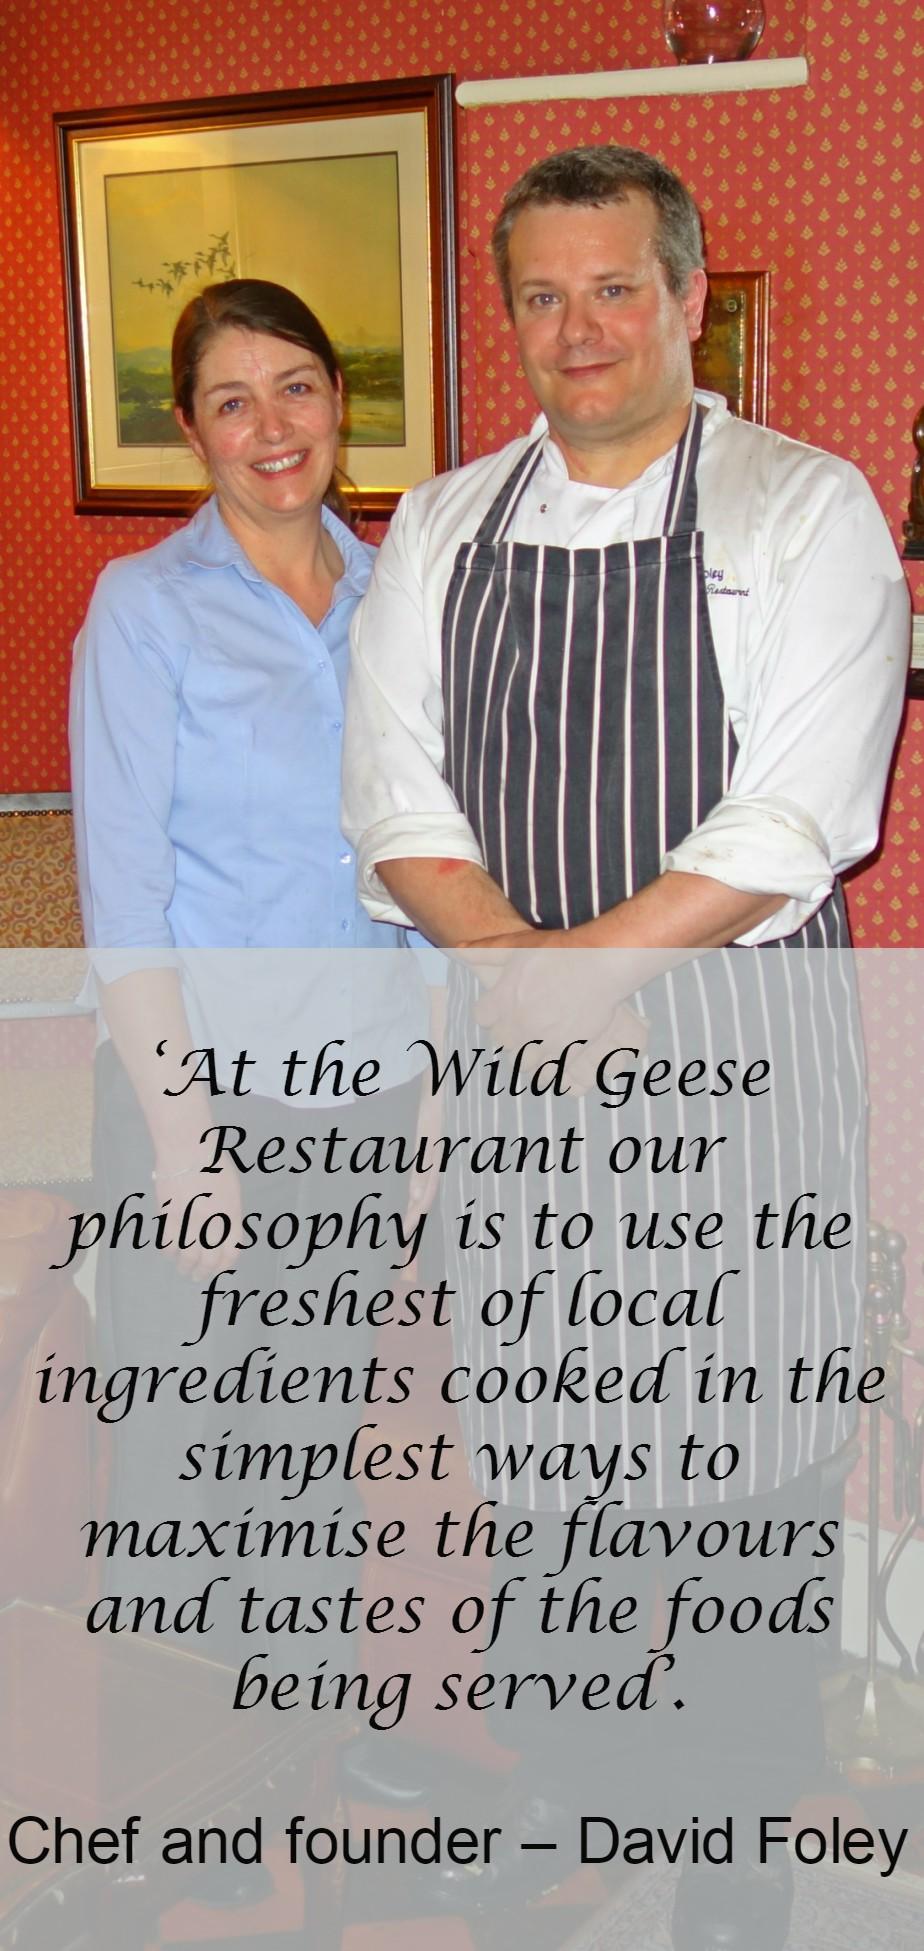 Wild Geese Restaurant Adare